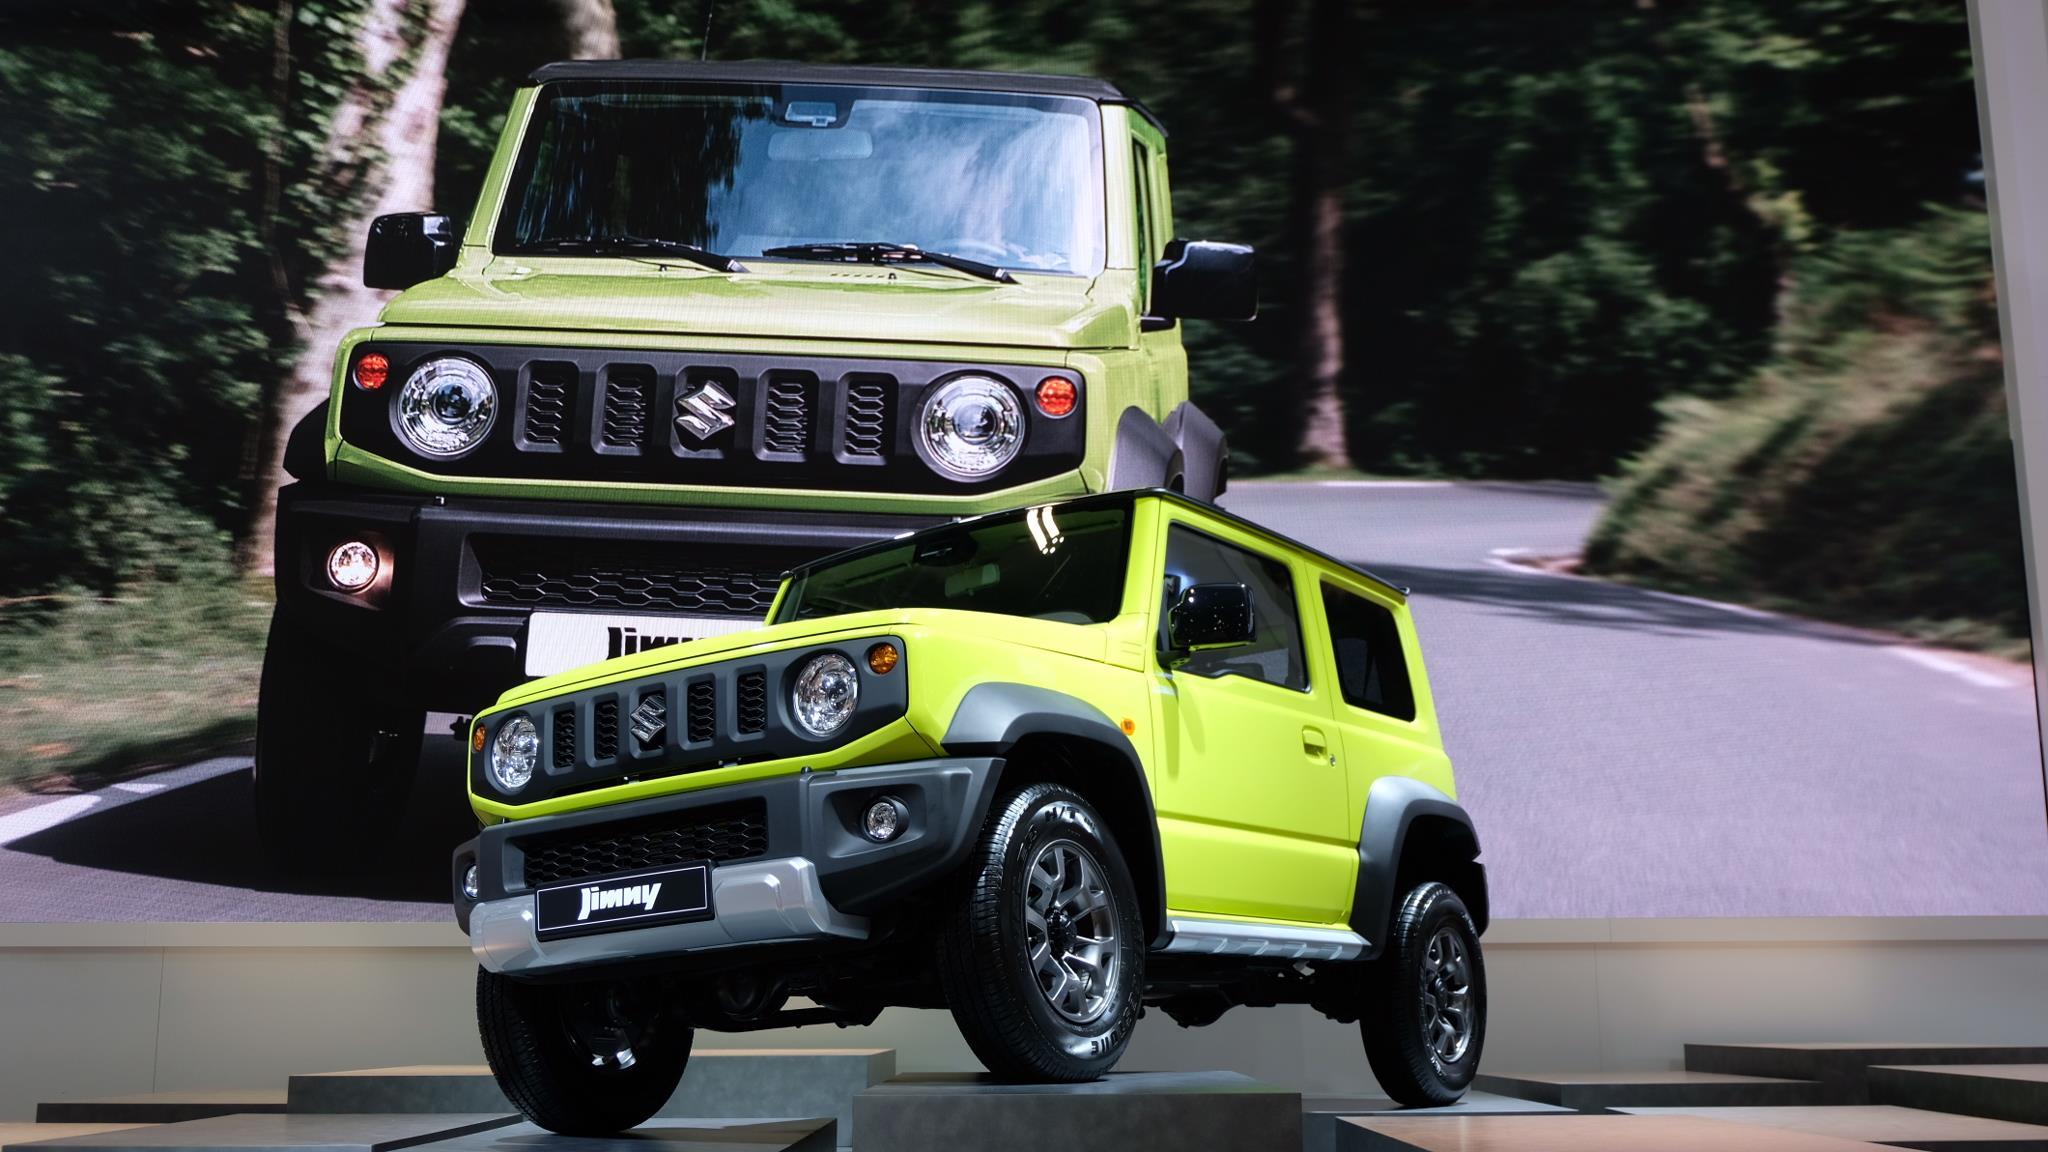 体验新铃木吉姆尼,最有趣的玩具车却无缘中国市场?